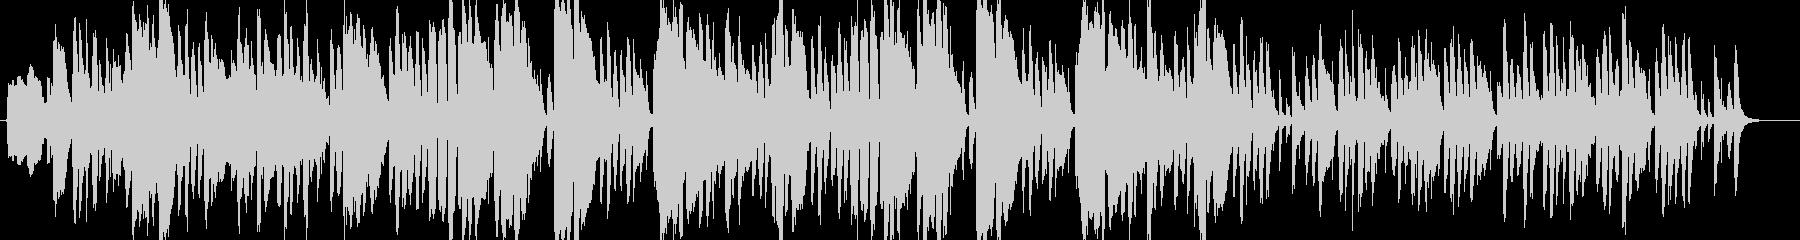 ラテン 情熱的・エロ・歌謡曲っぽいの未再生の波形